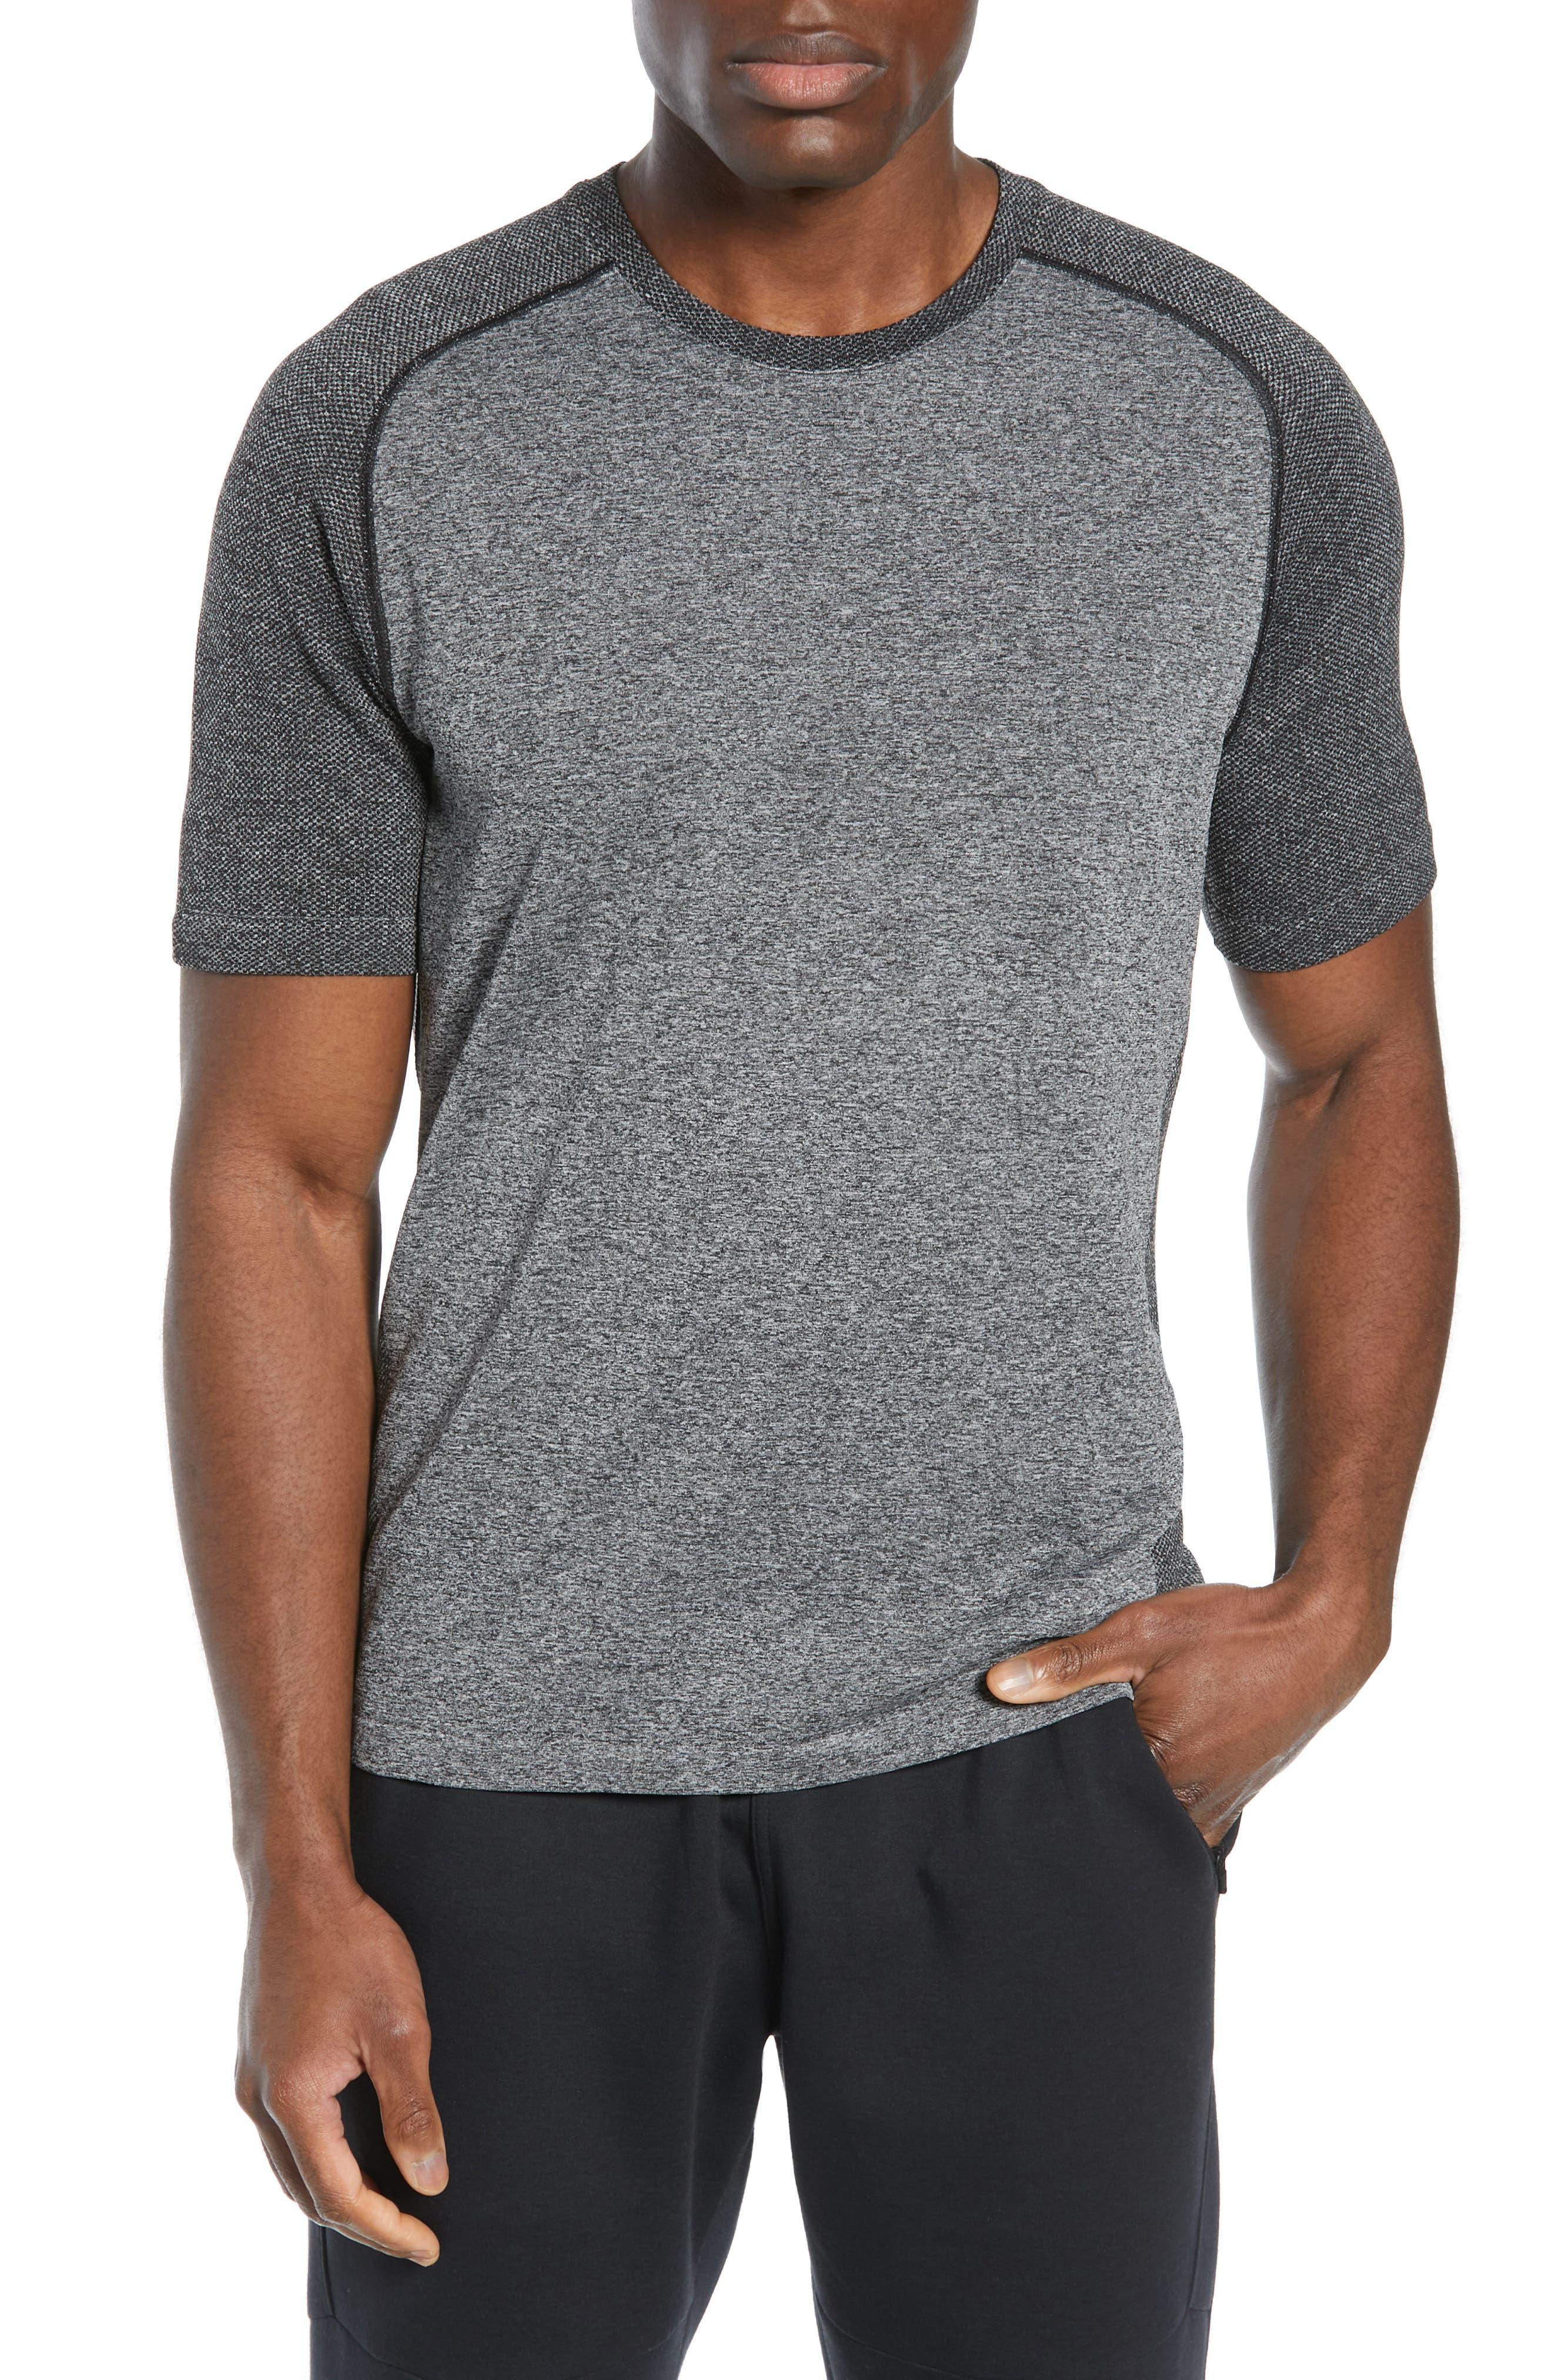 ZELLA, Seamless Raglan T-Shirt, Main thumbnail 1, color, BLACK OXIDE MELANGE